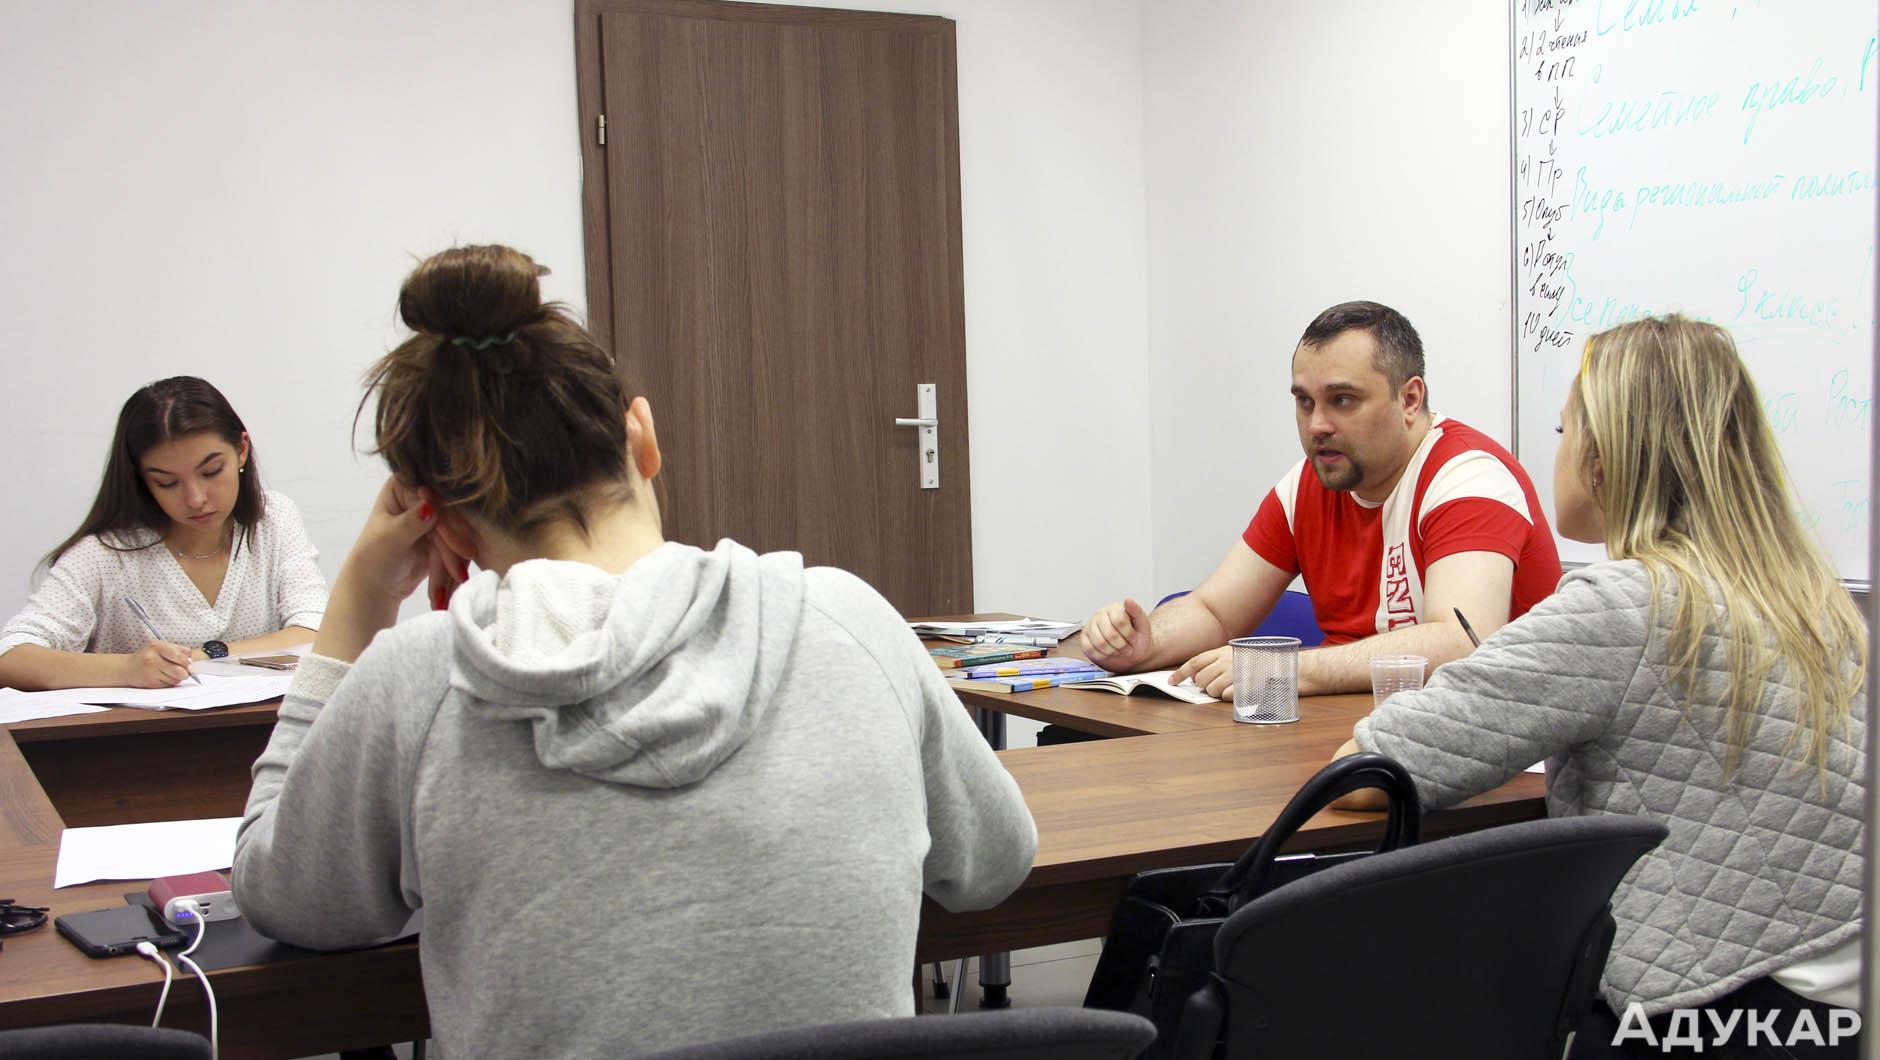 Некоторые курсы предлагают пройти первое бесплатное занятие, что позволяет познакомиться с преподавателем и  оценить качество подготовки к ЦТ